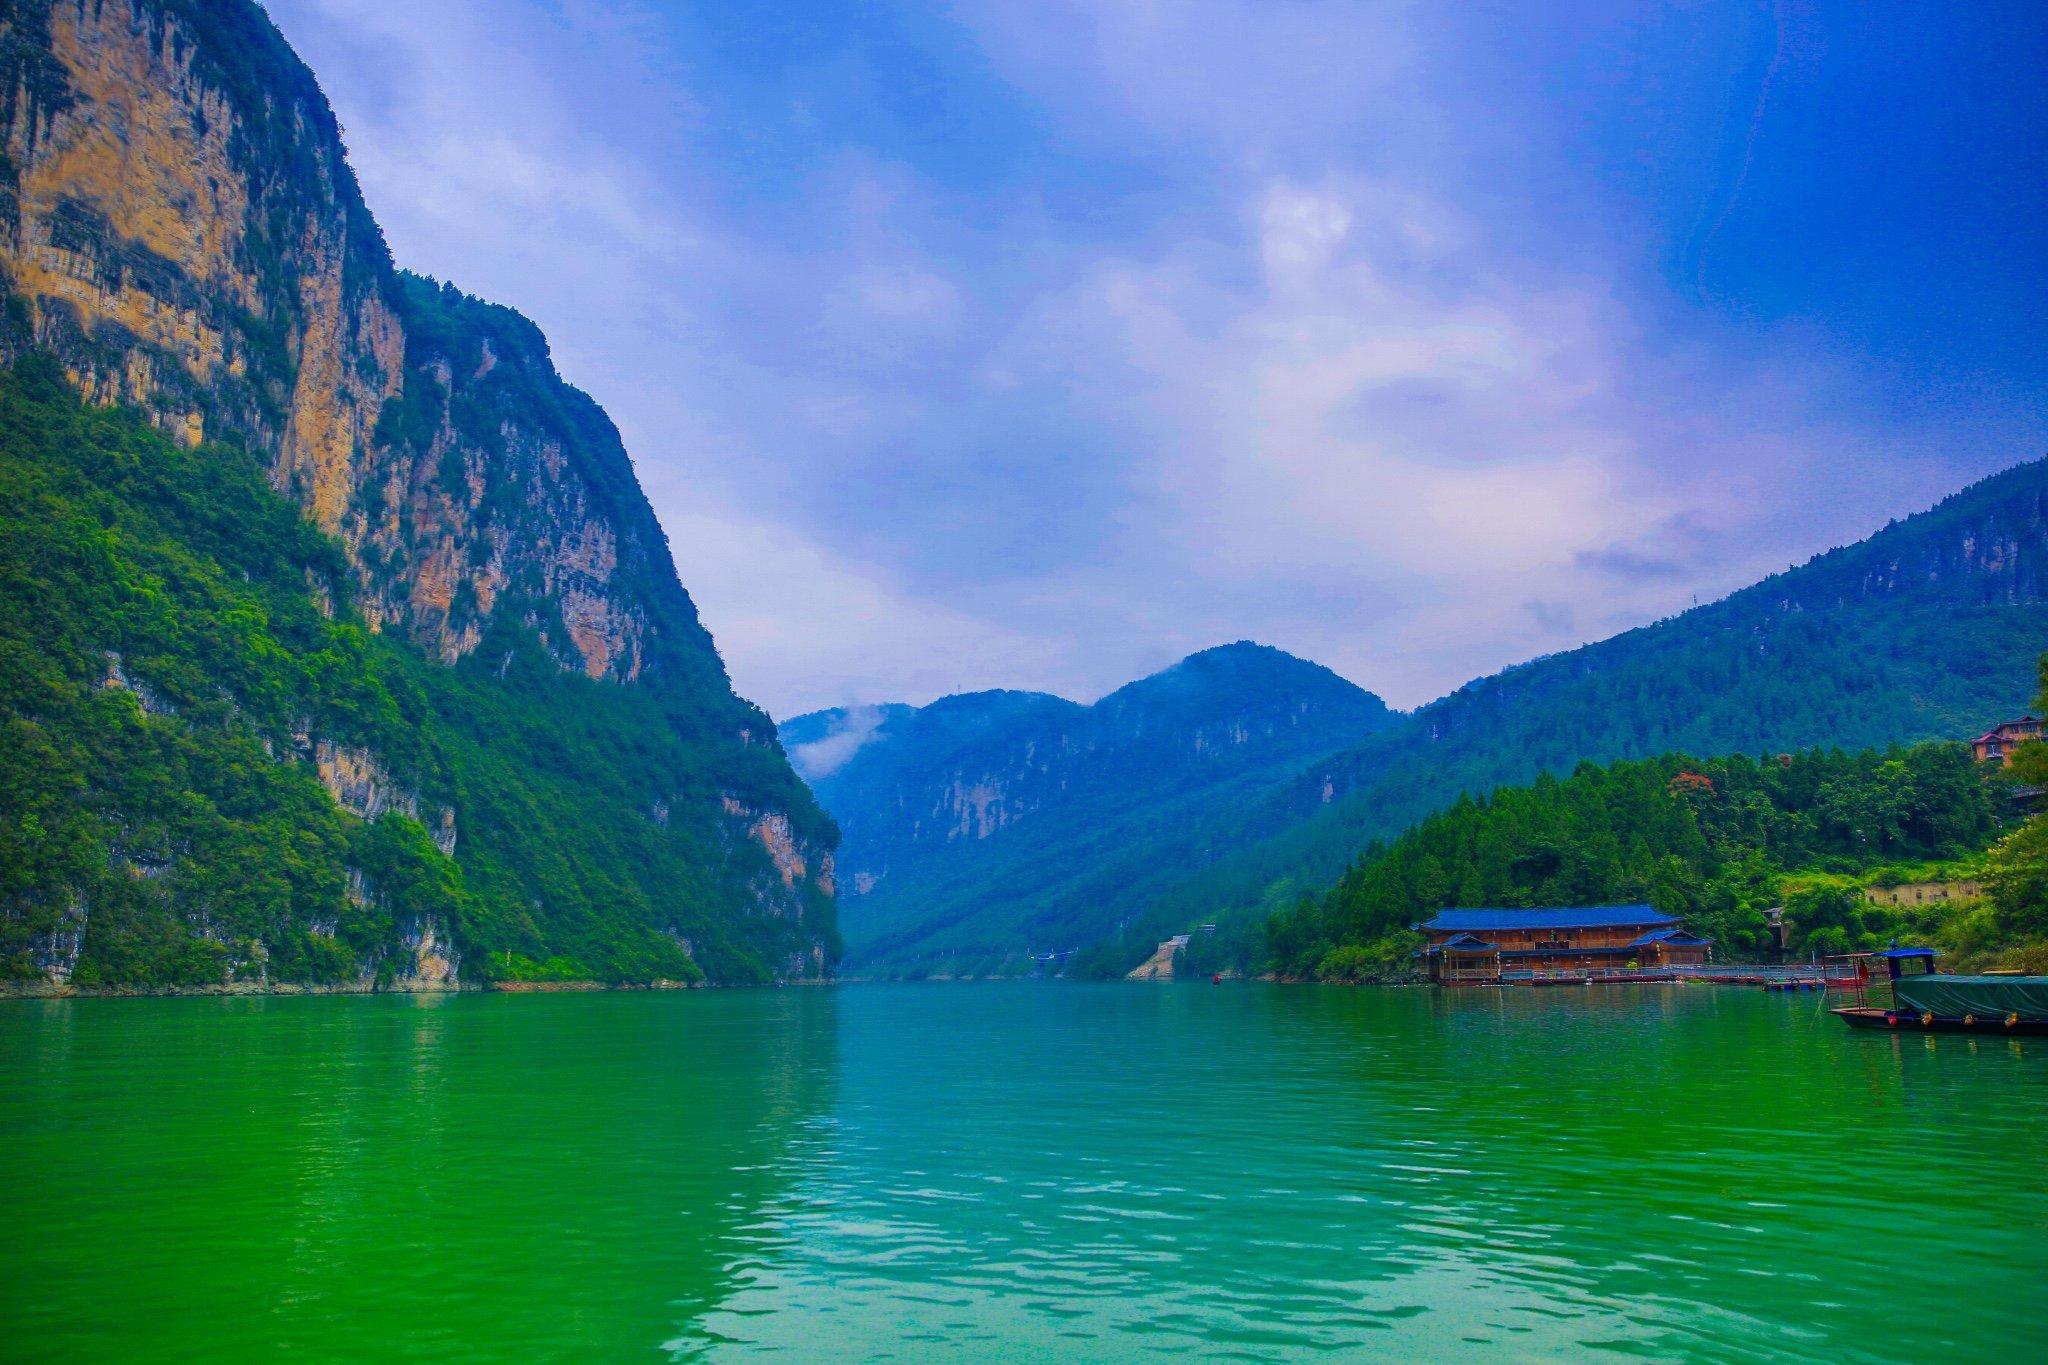 这两年,我走了许多路,看过许多风景.坐船开始游览乌江画廊